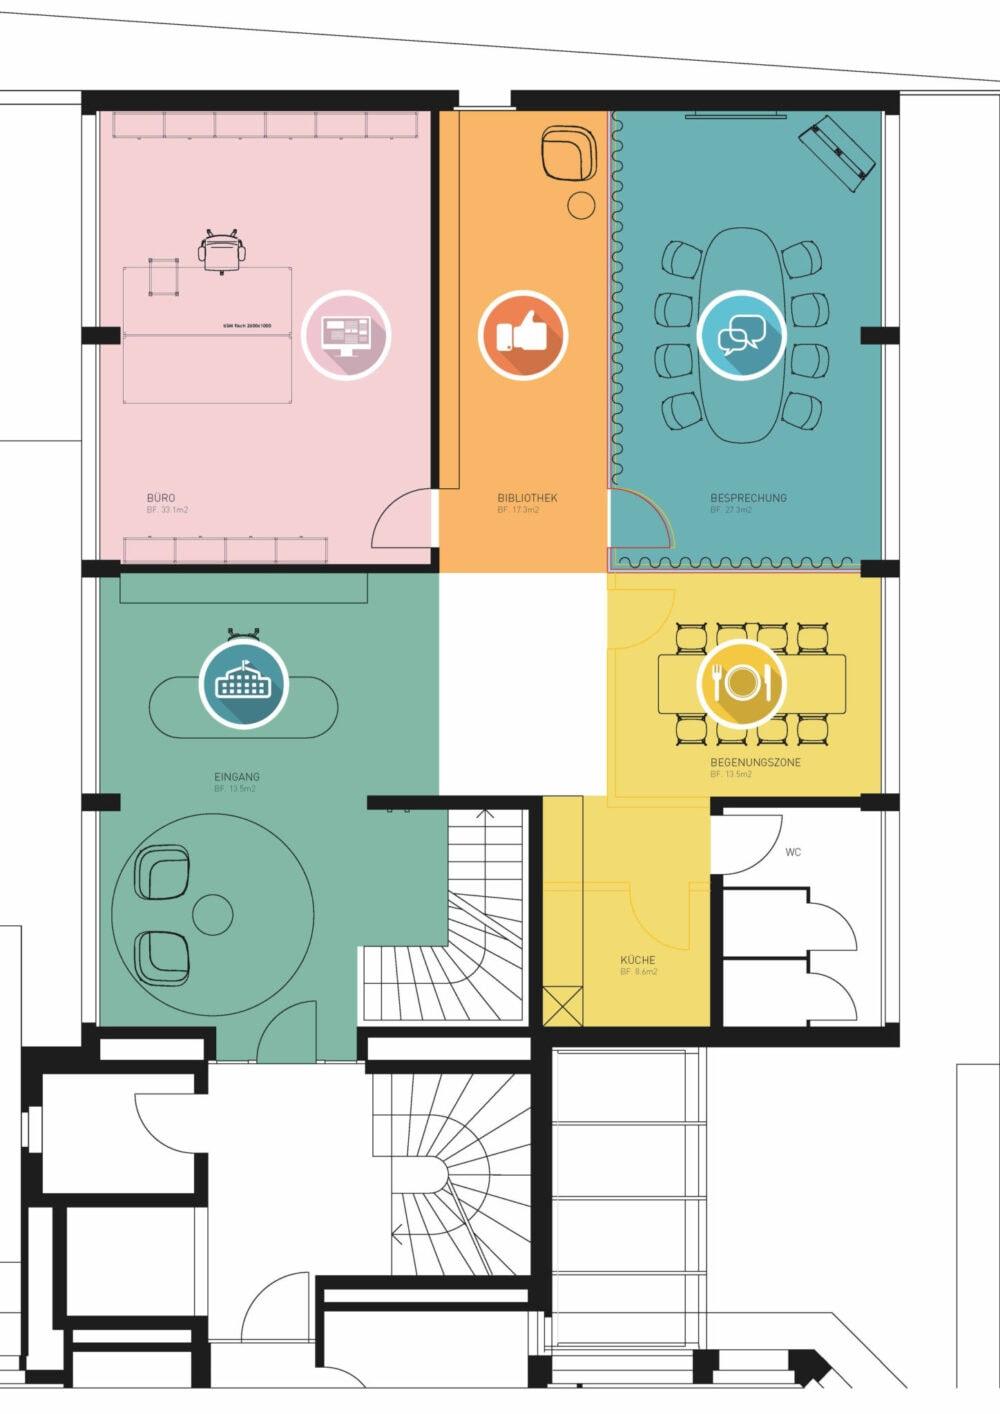 Zonenplan Ausstellung mit Arbeitsplätzen und Bereichen wie Cafeteria und Empfang